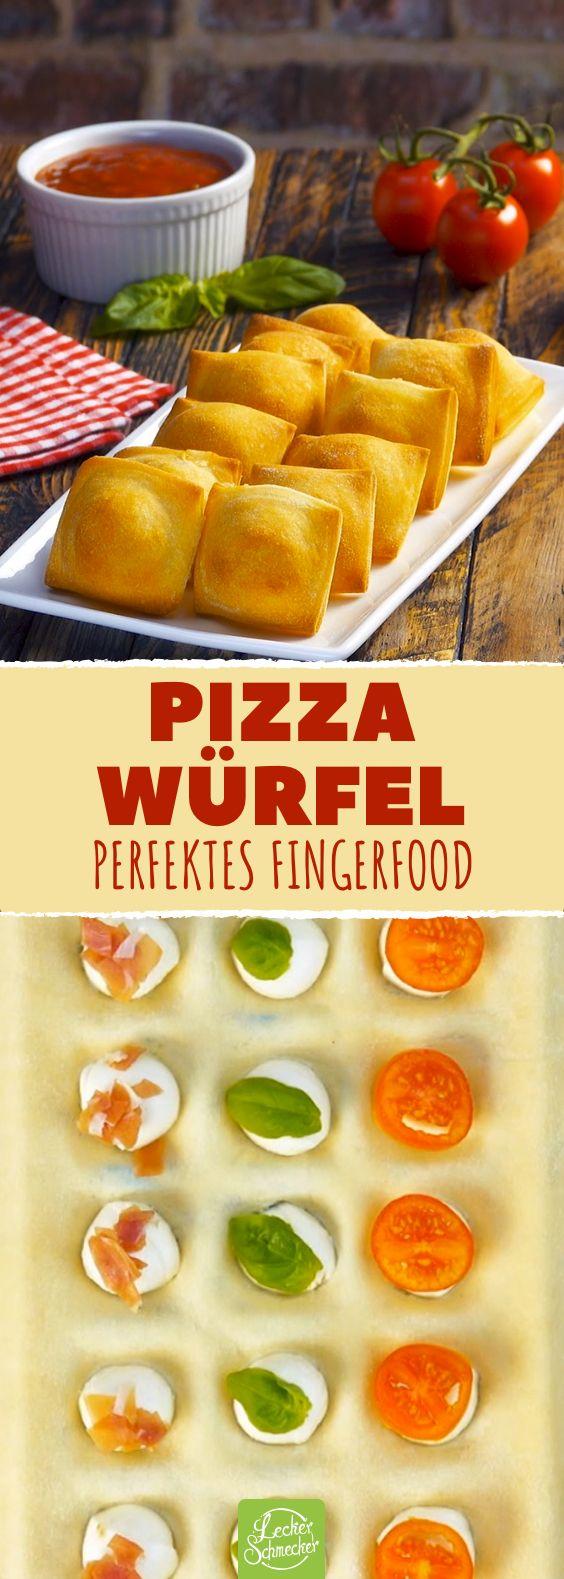 Drücke Pizzateig in eine Eiswürfelform und backe ihn. Wow! #schnellepartyrezepte